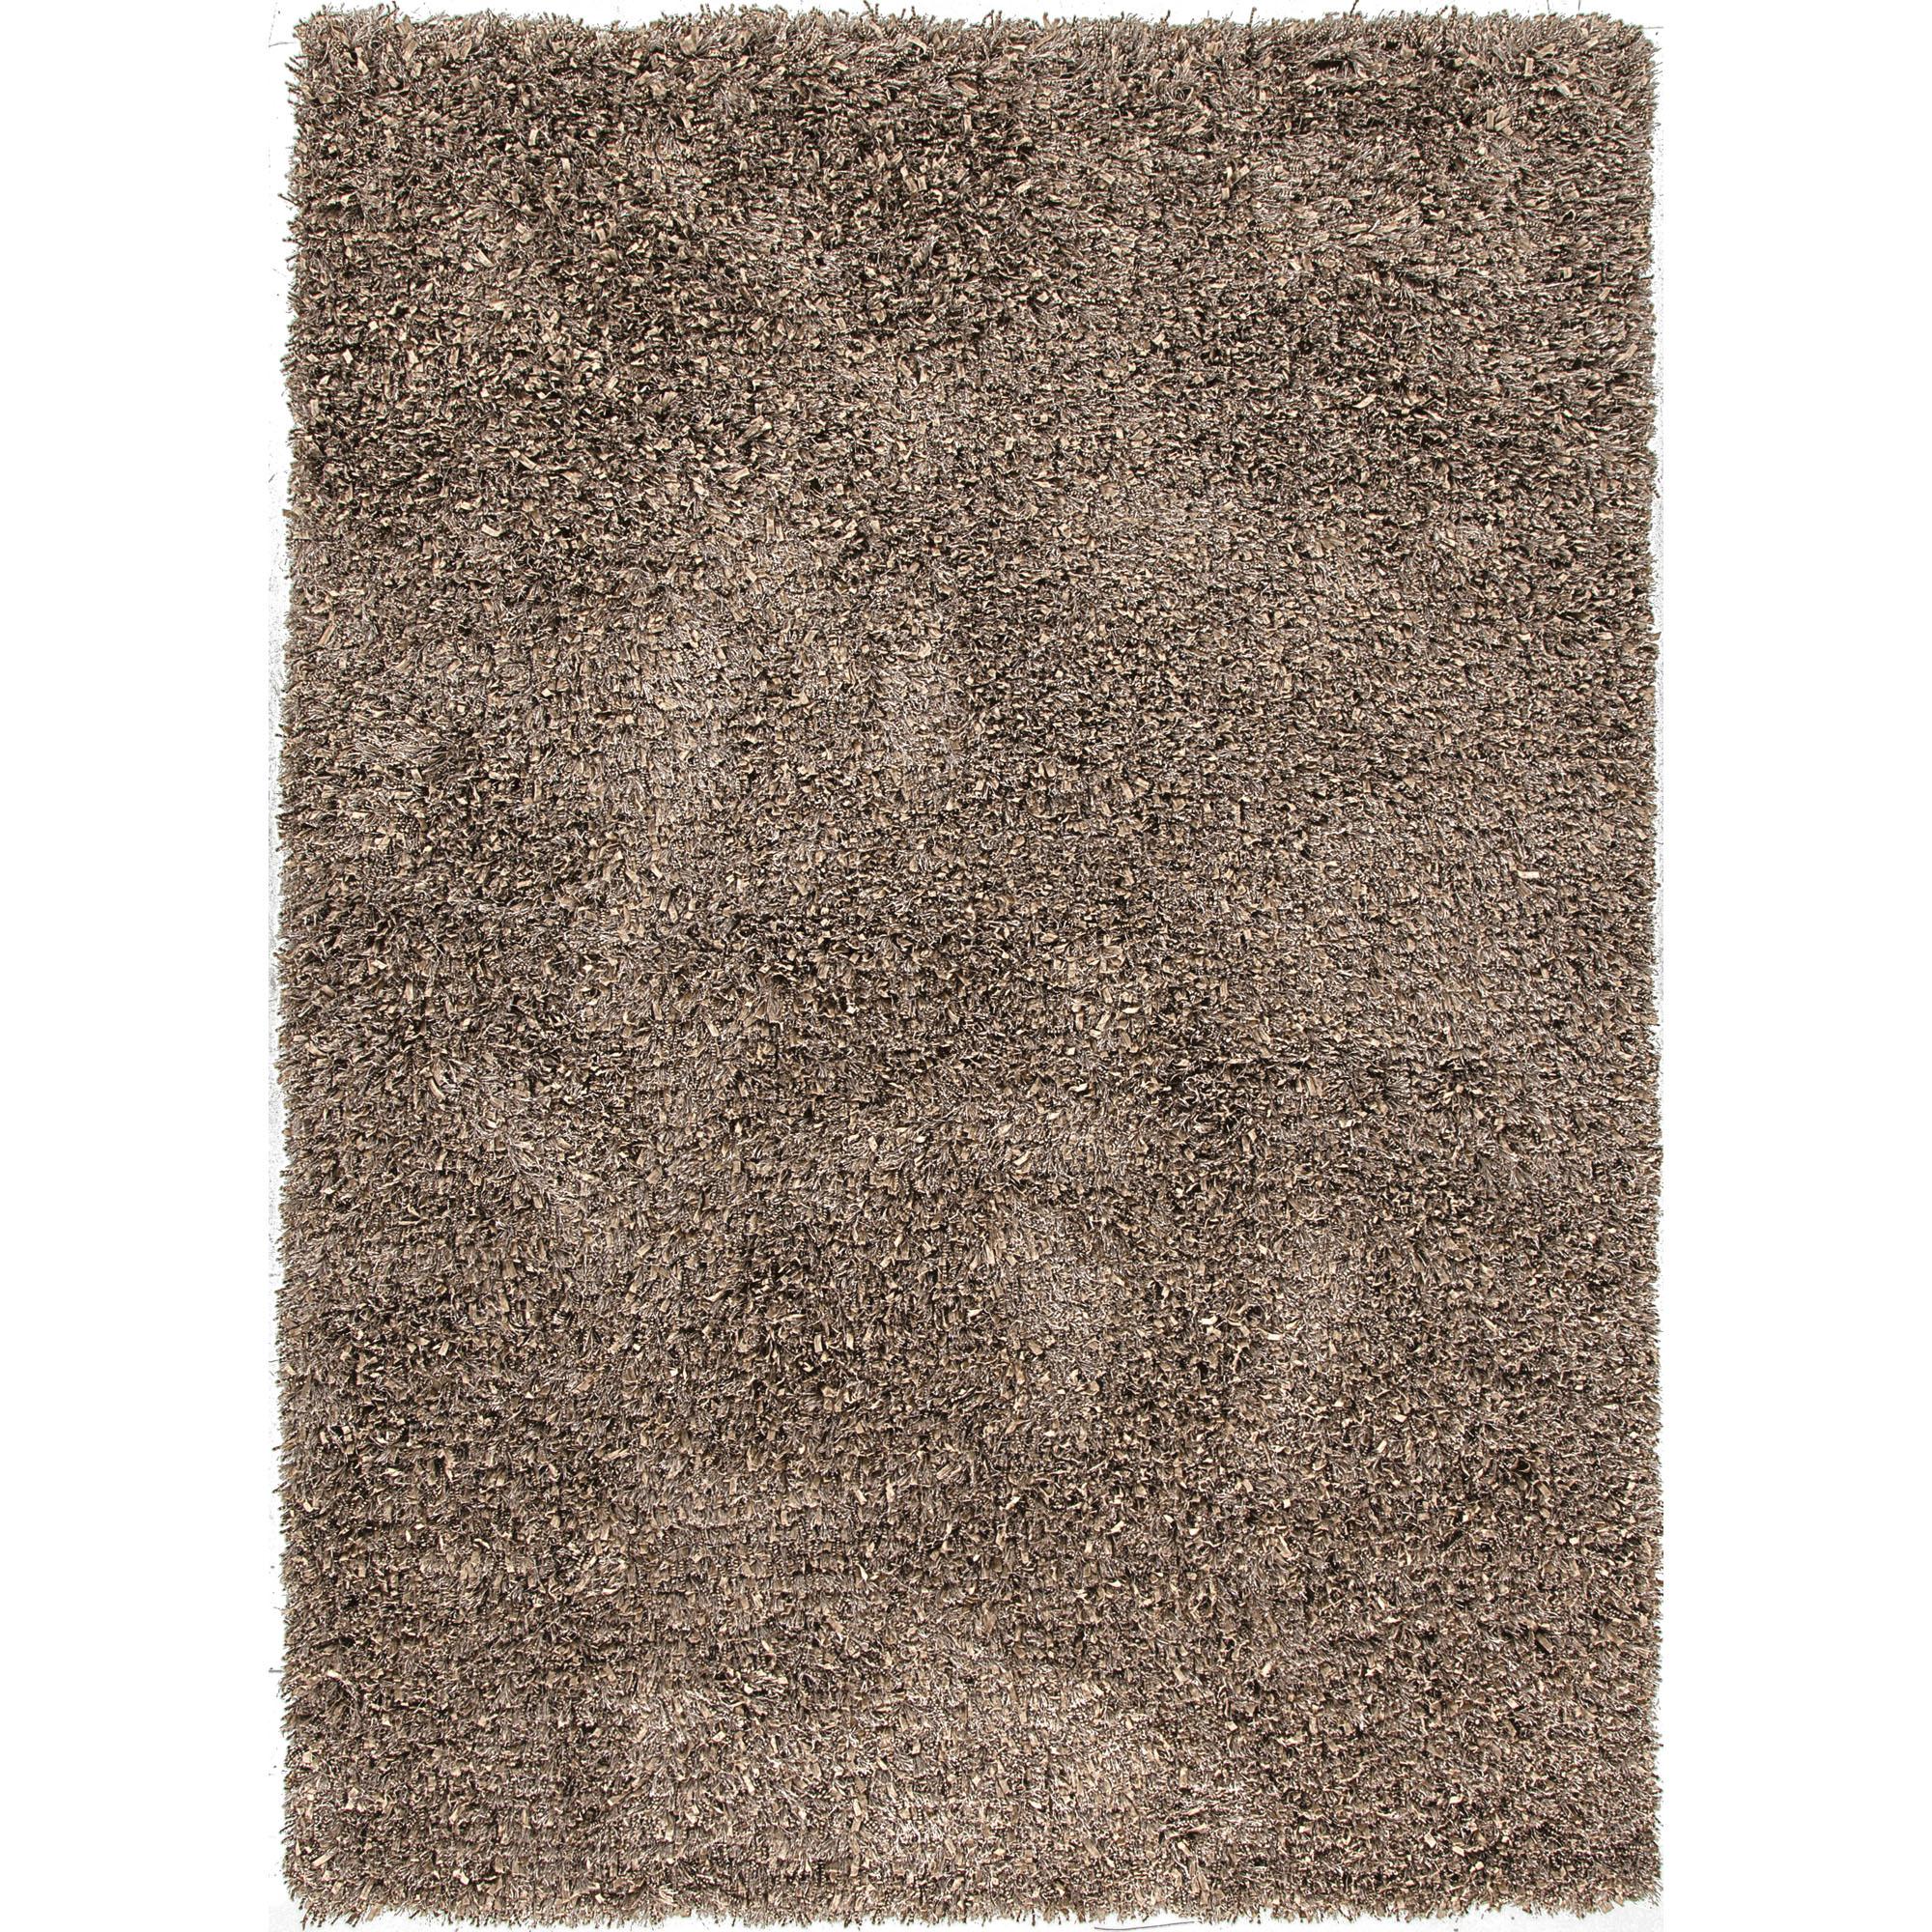 JAIPUR Rugs Tribeca 7.6 x 9.6 Rug - Item Number: RUG104045